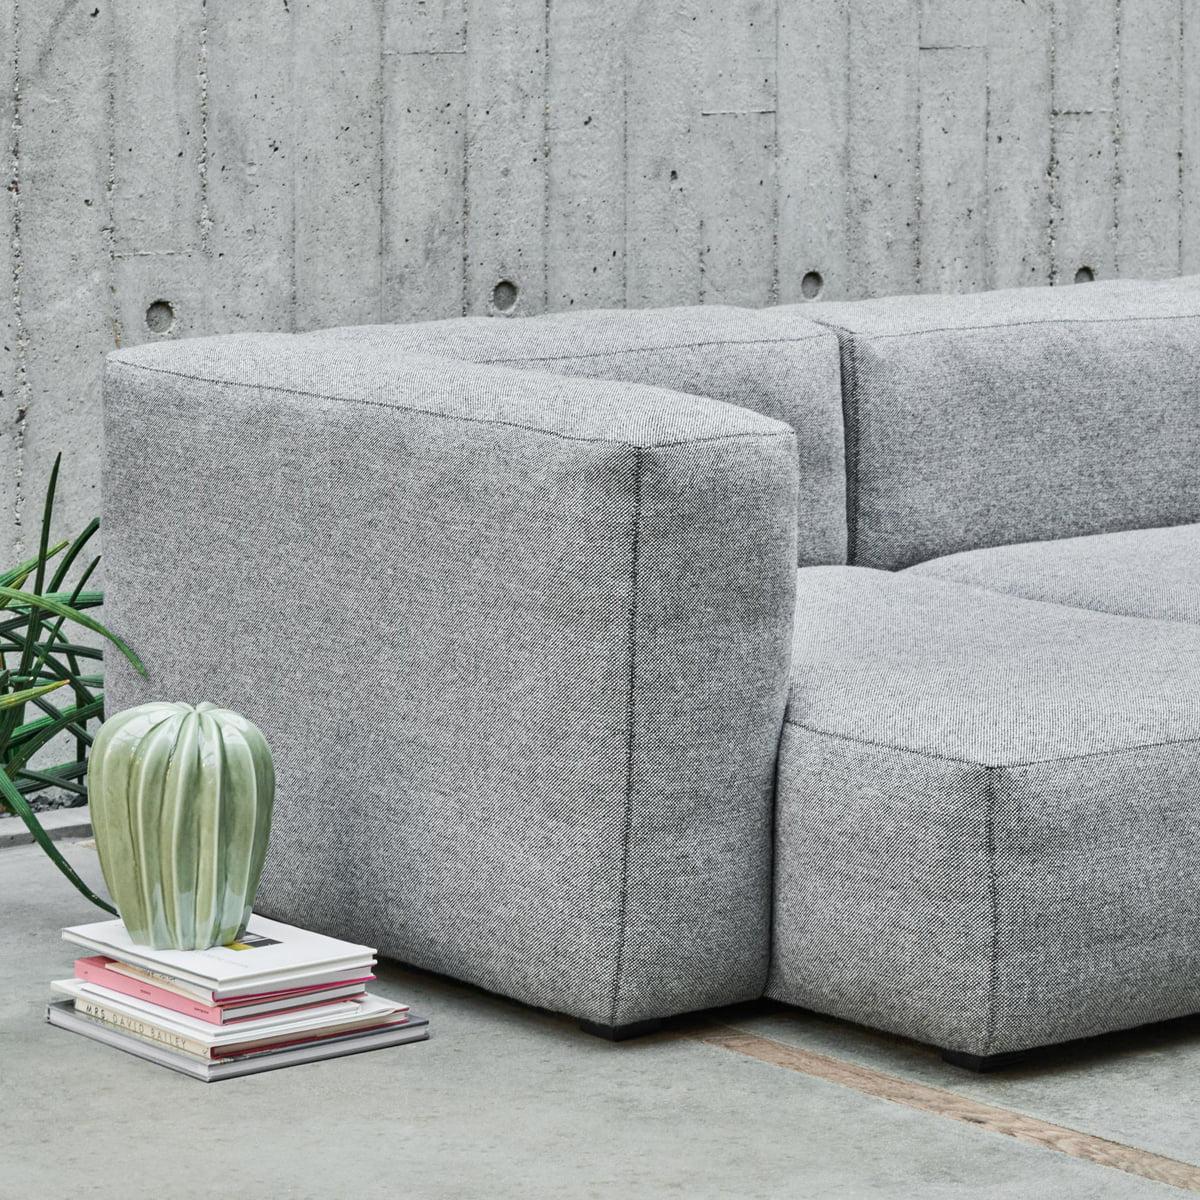 mags soft sofa 2 5 sitzer von hay jetzt im shop. Black Bedroom Furniture Sets. Home Design Ideas